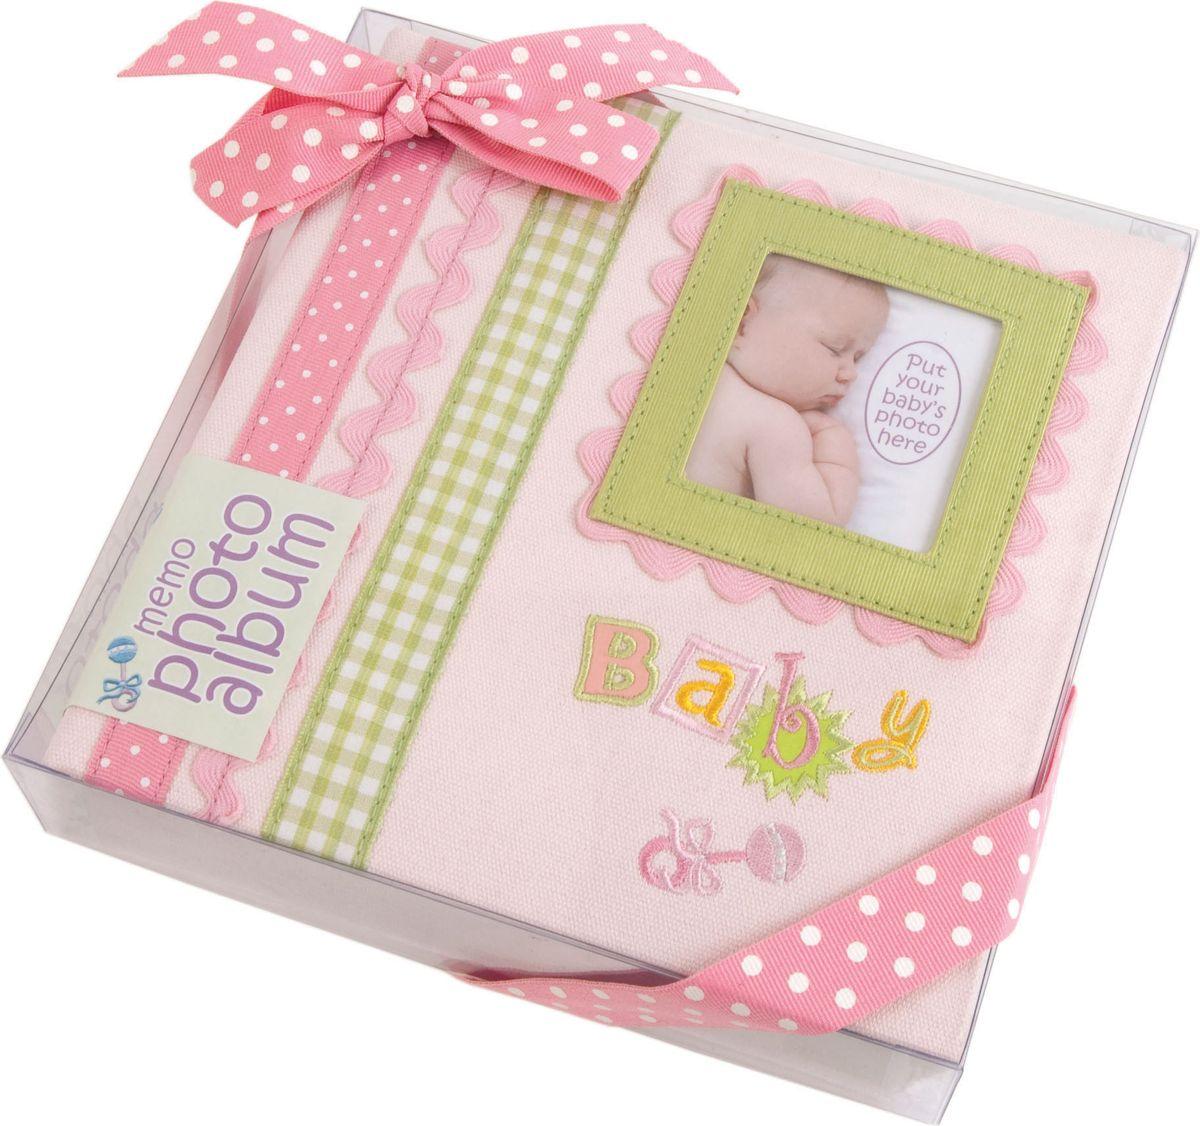 Фотоальбом Innova Baby Memories Pink Memo, цвет: розовый, 180 фотографий, 10 x 15 см